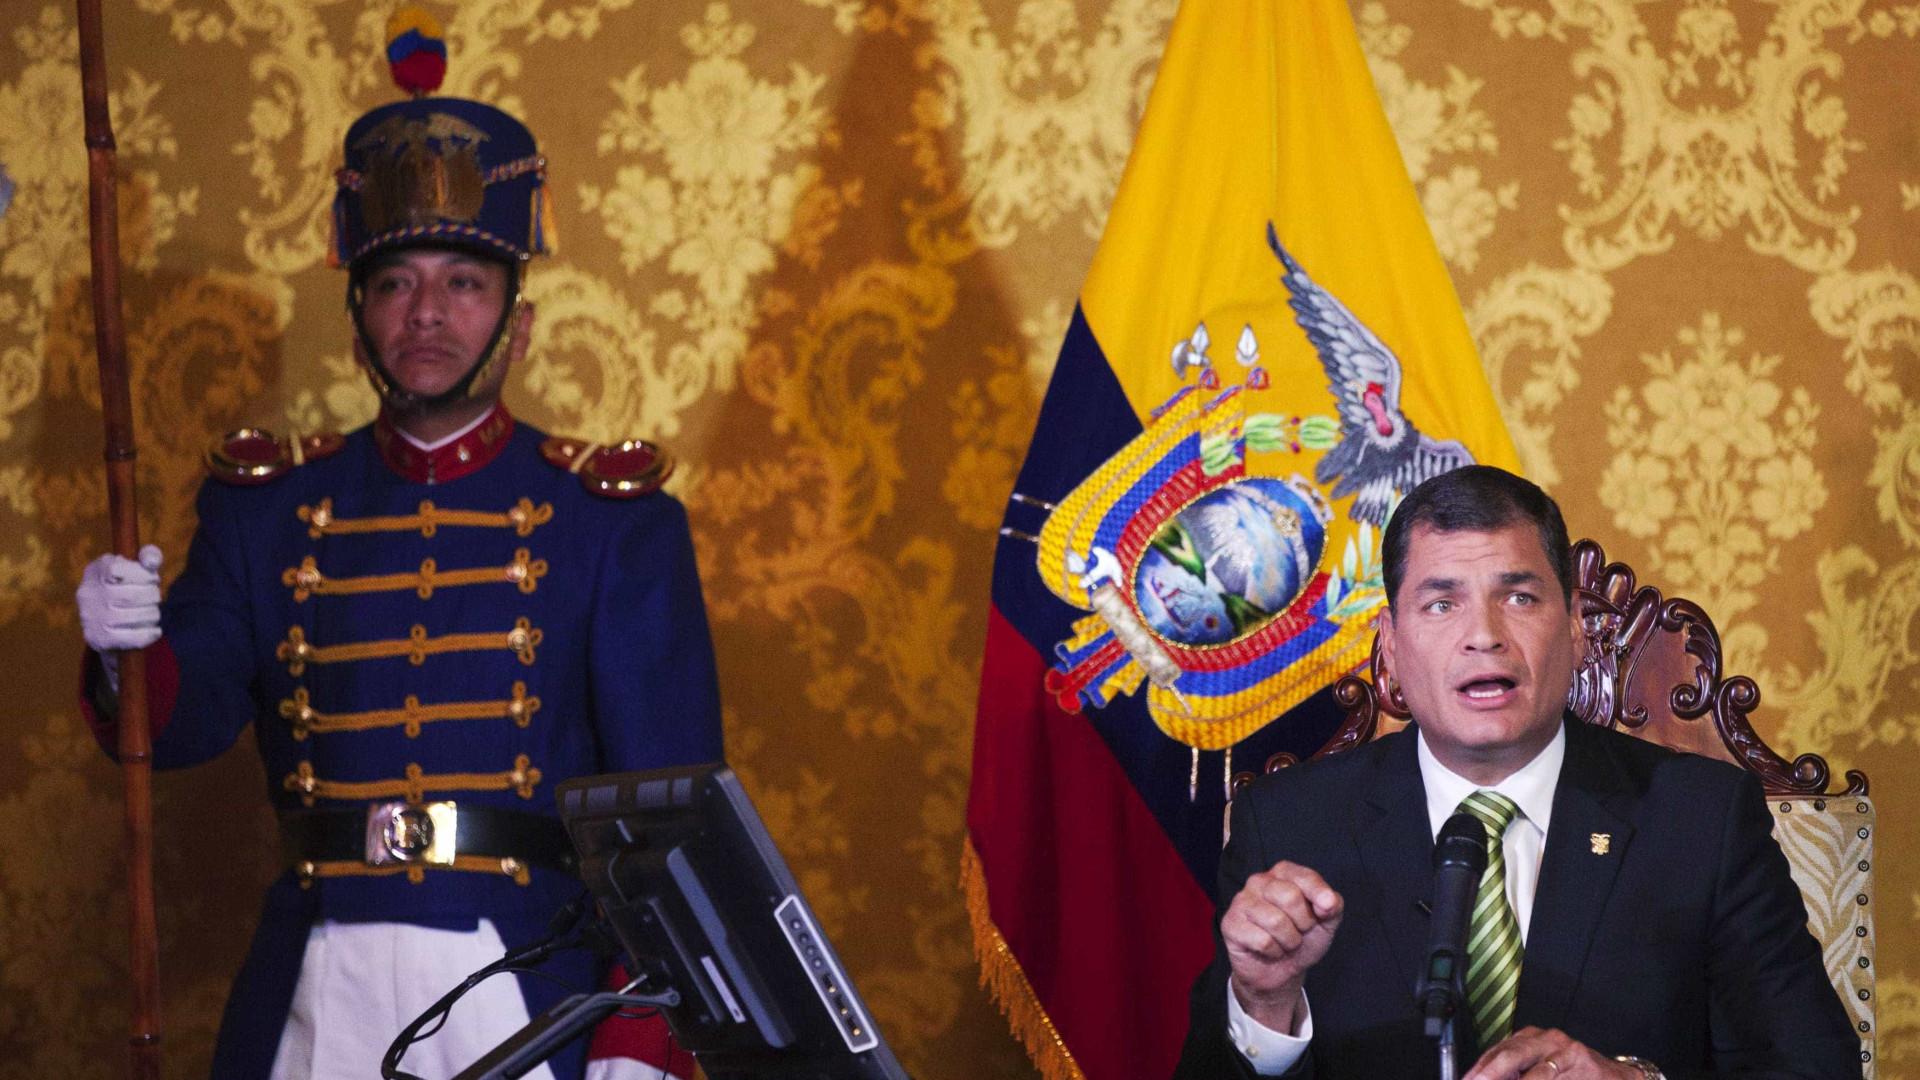 Após terremoto, Correa vai taxar os milionários para financiar reconstrução